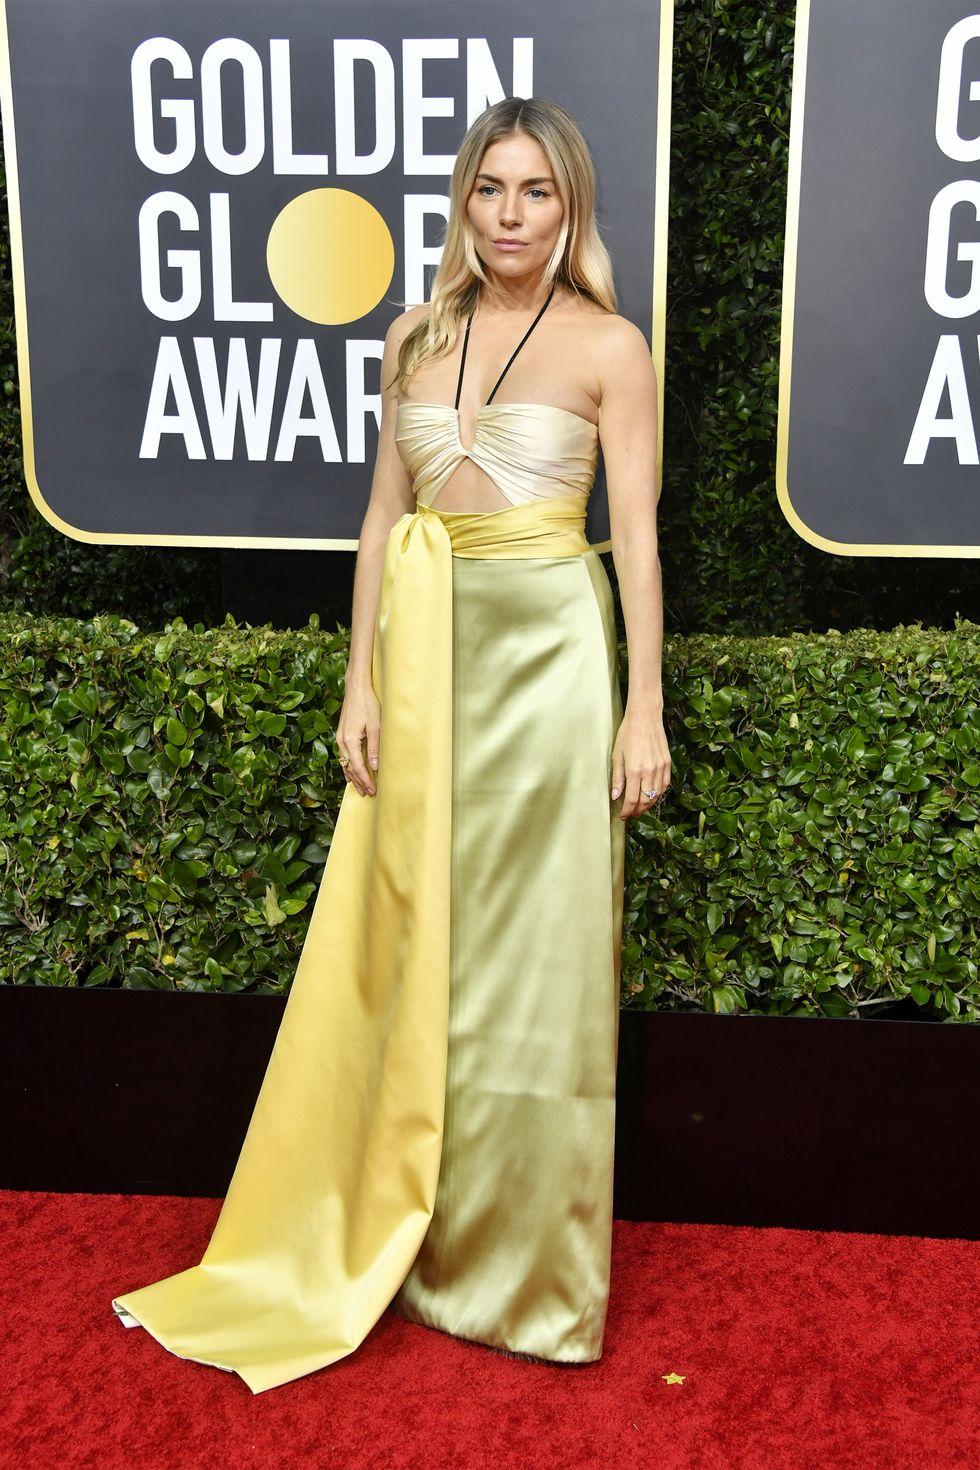 Thảm đỏ quả cầu vàng 2020 Sienna Miller